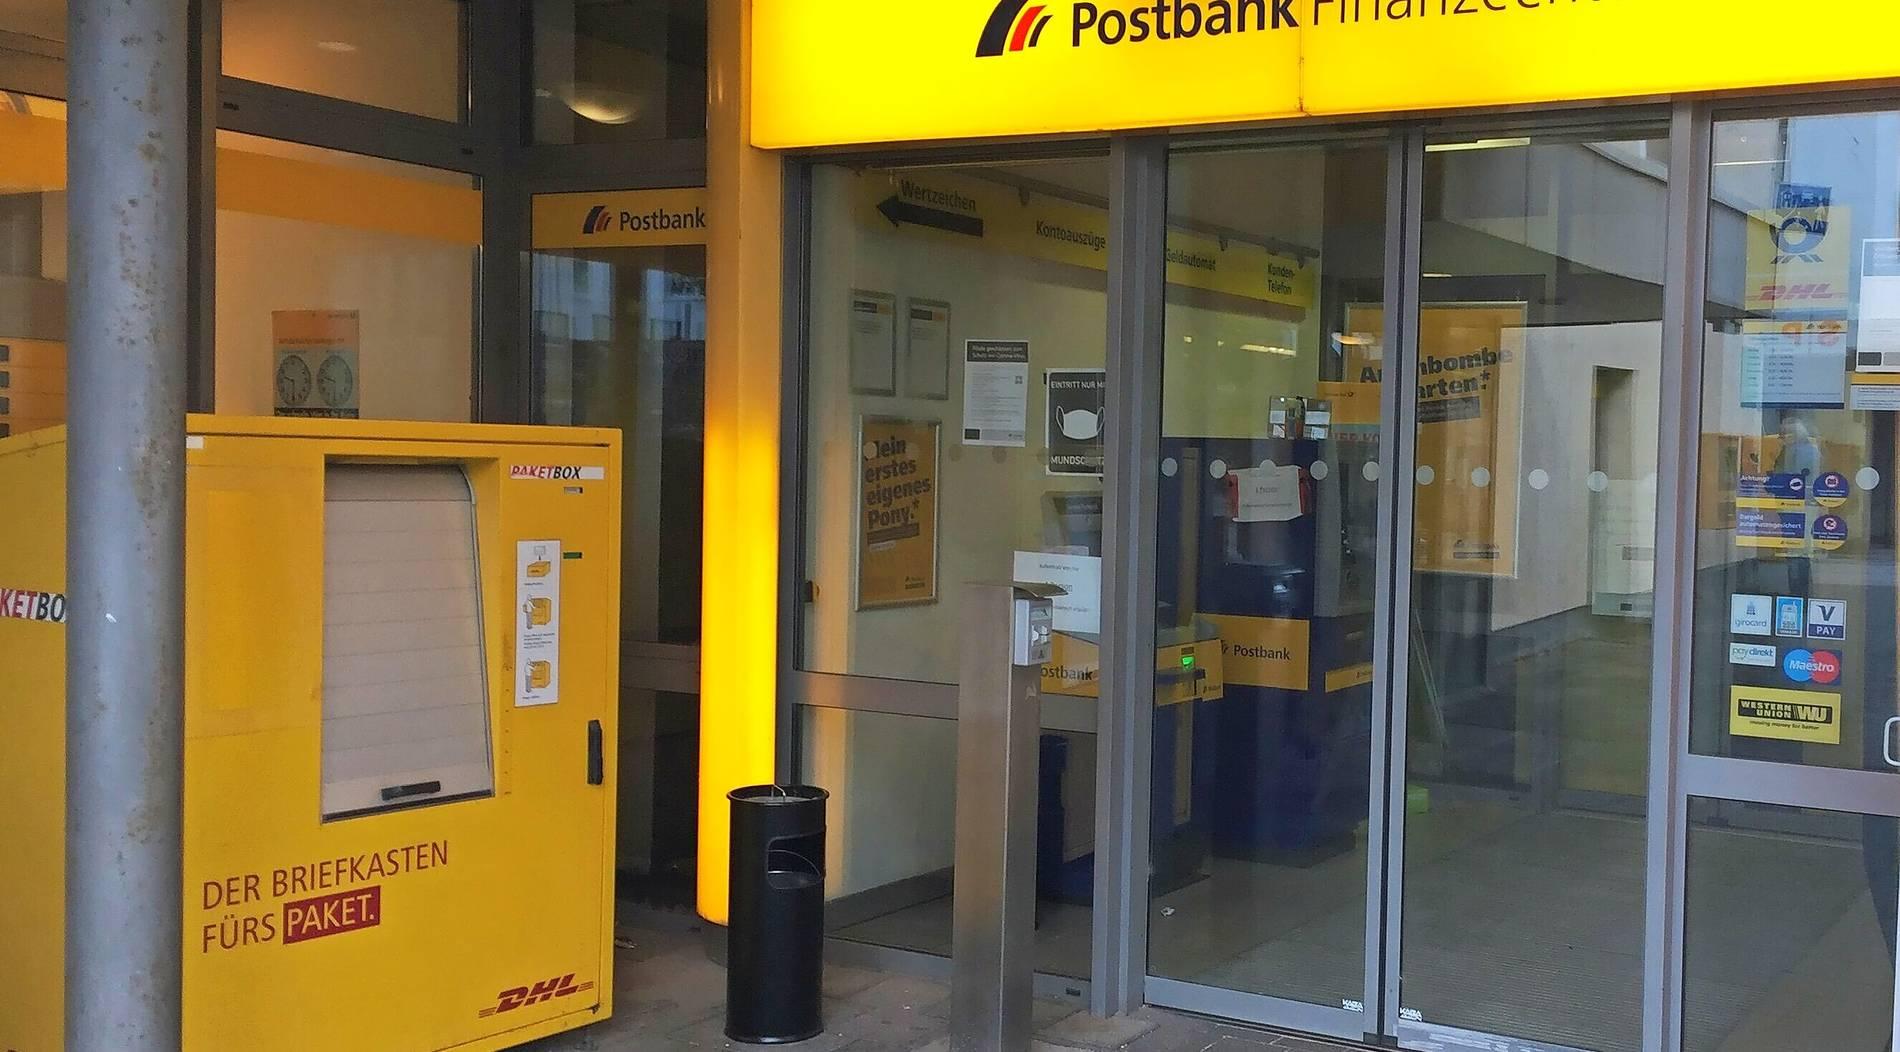 Corona-Fall: Post und Postbank in Wittlich haben geschlossen